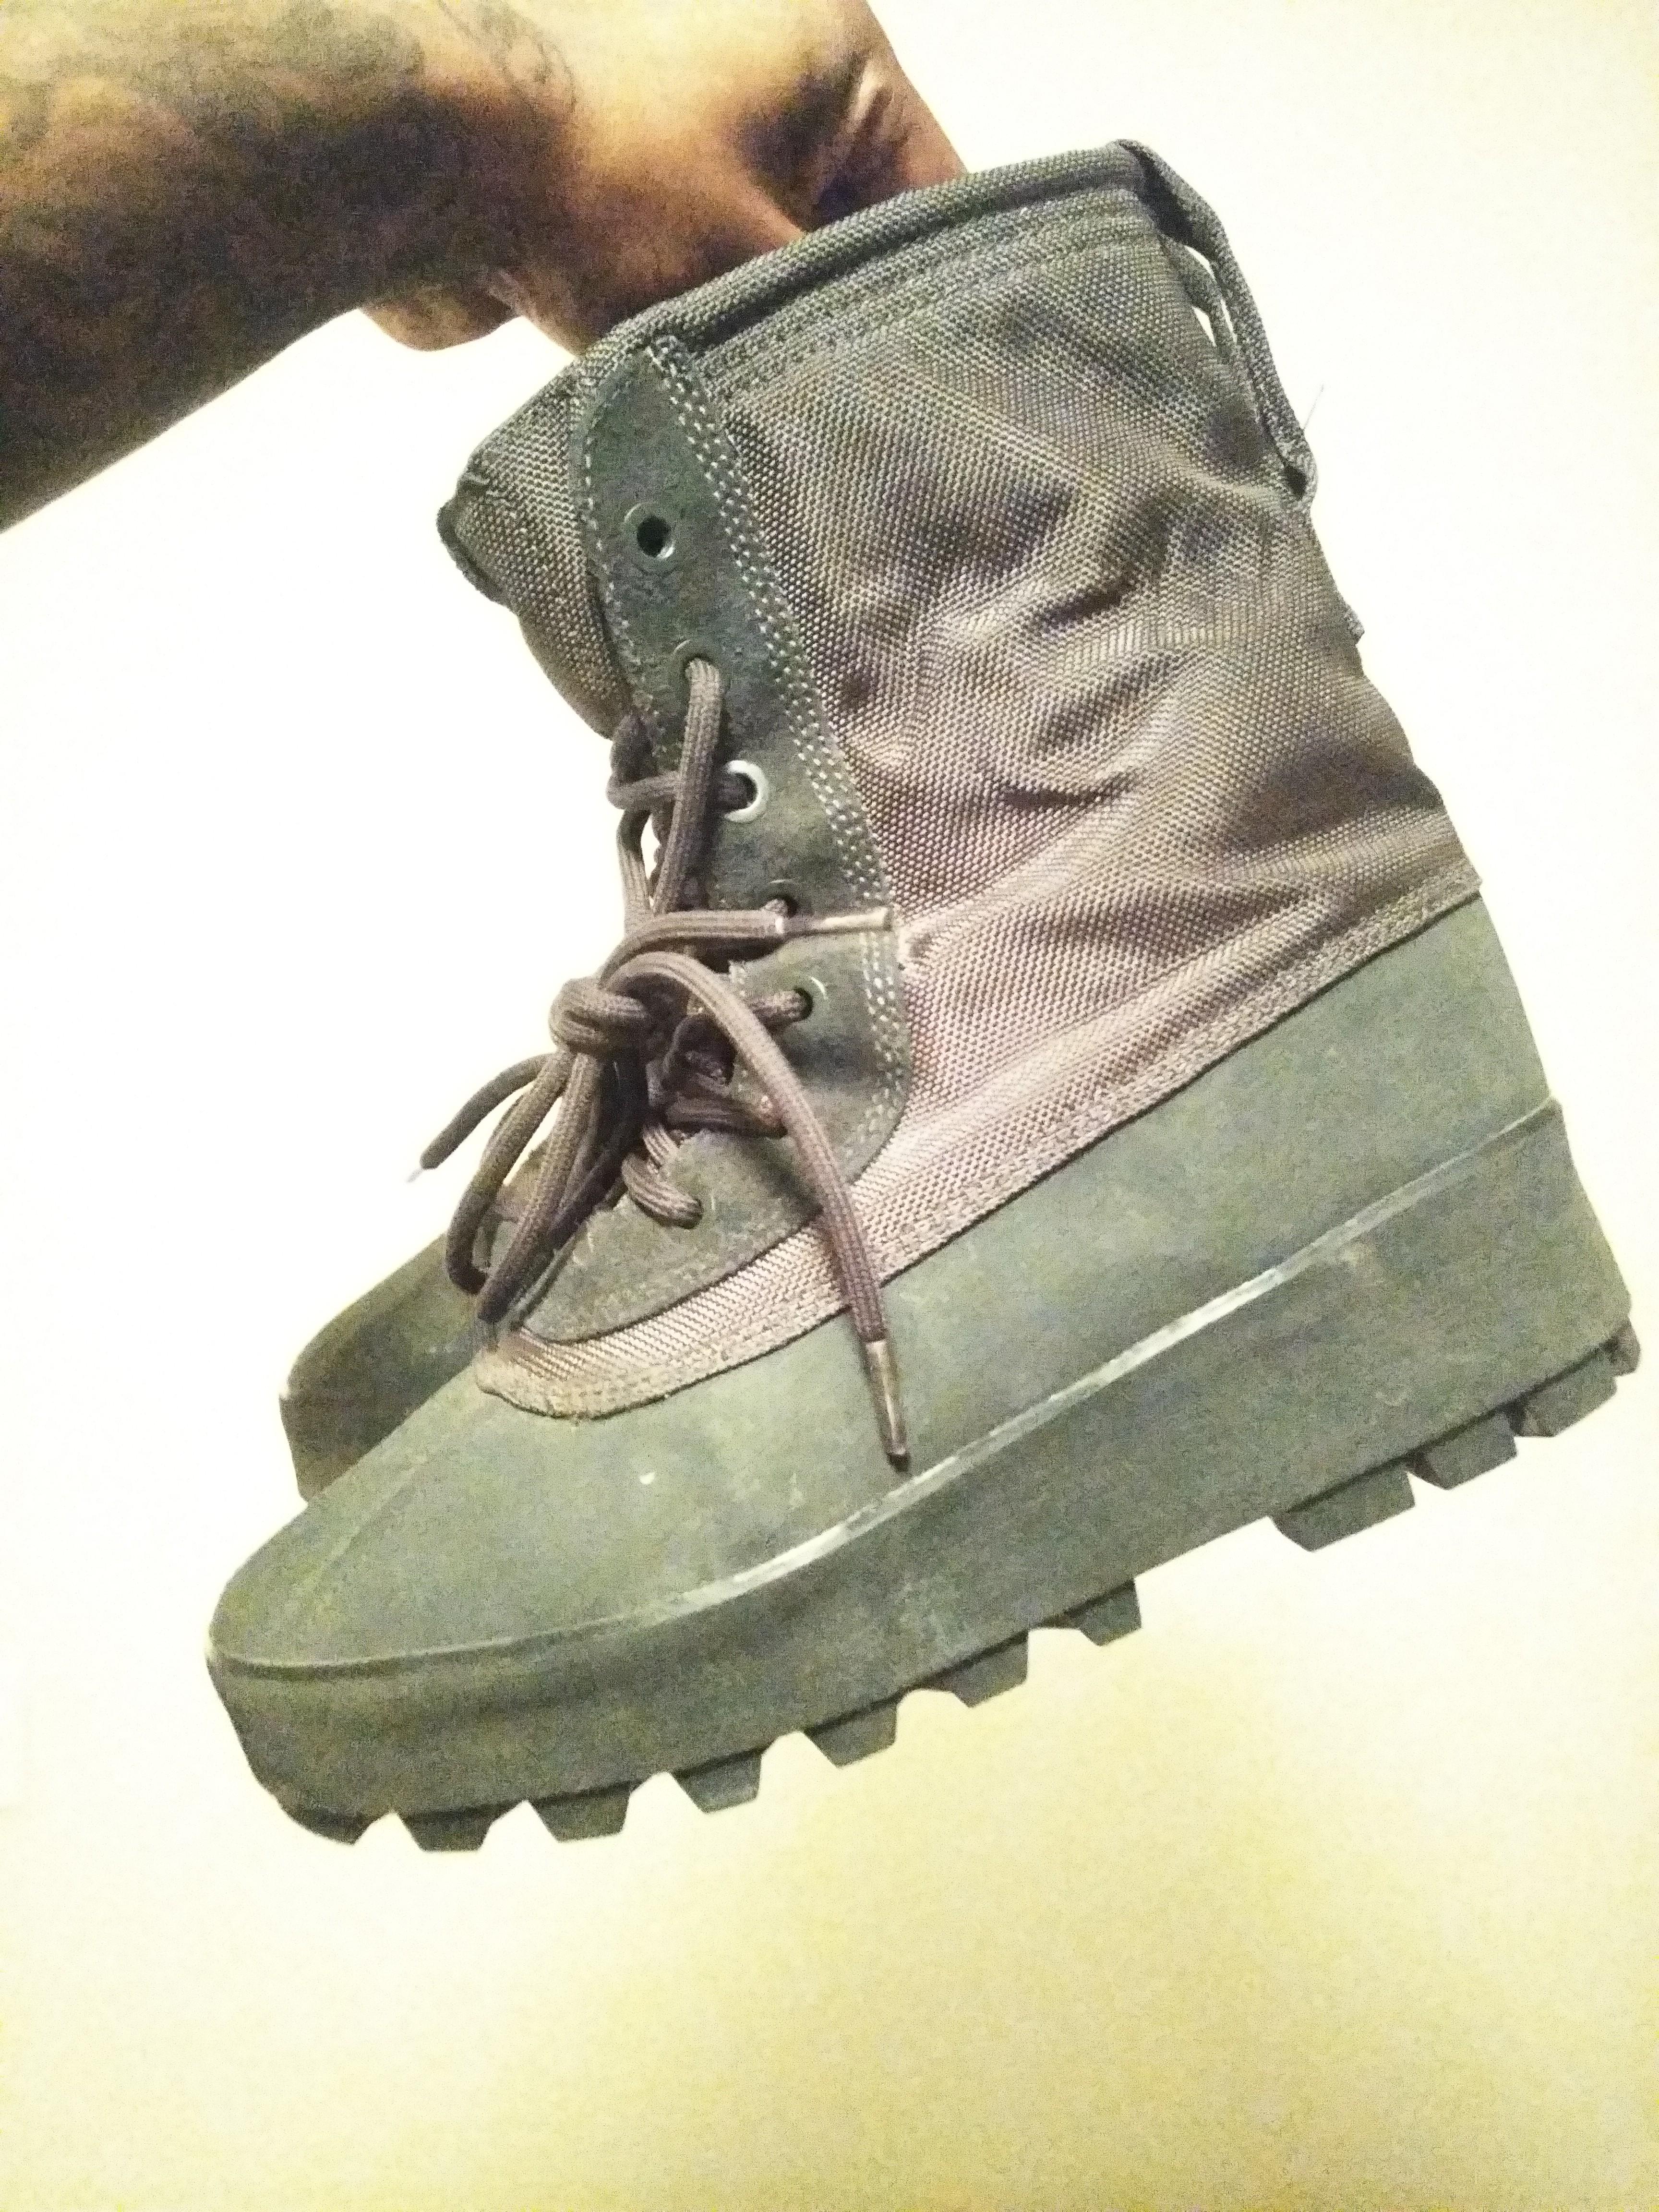 Yeezy Shoes Adidas Low onedaymobile.co.uk